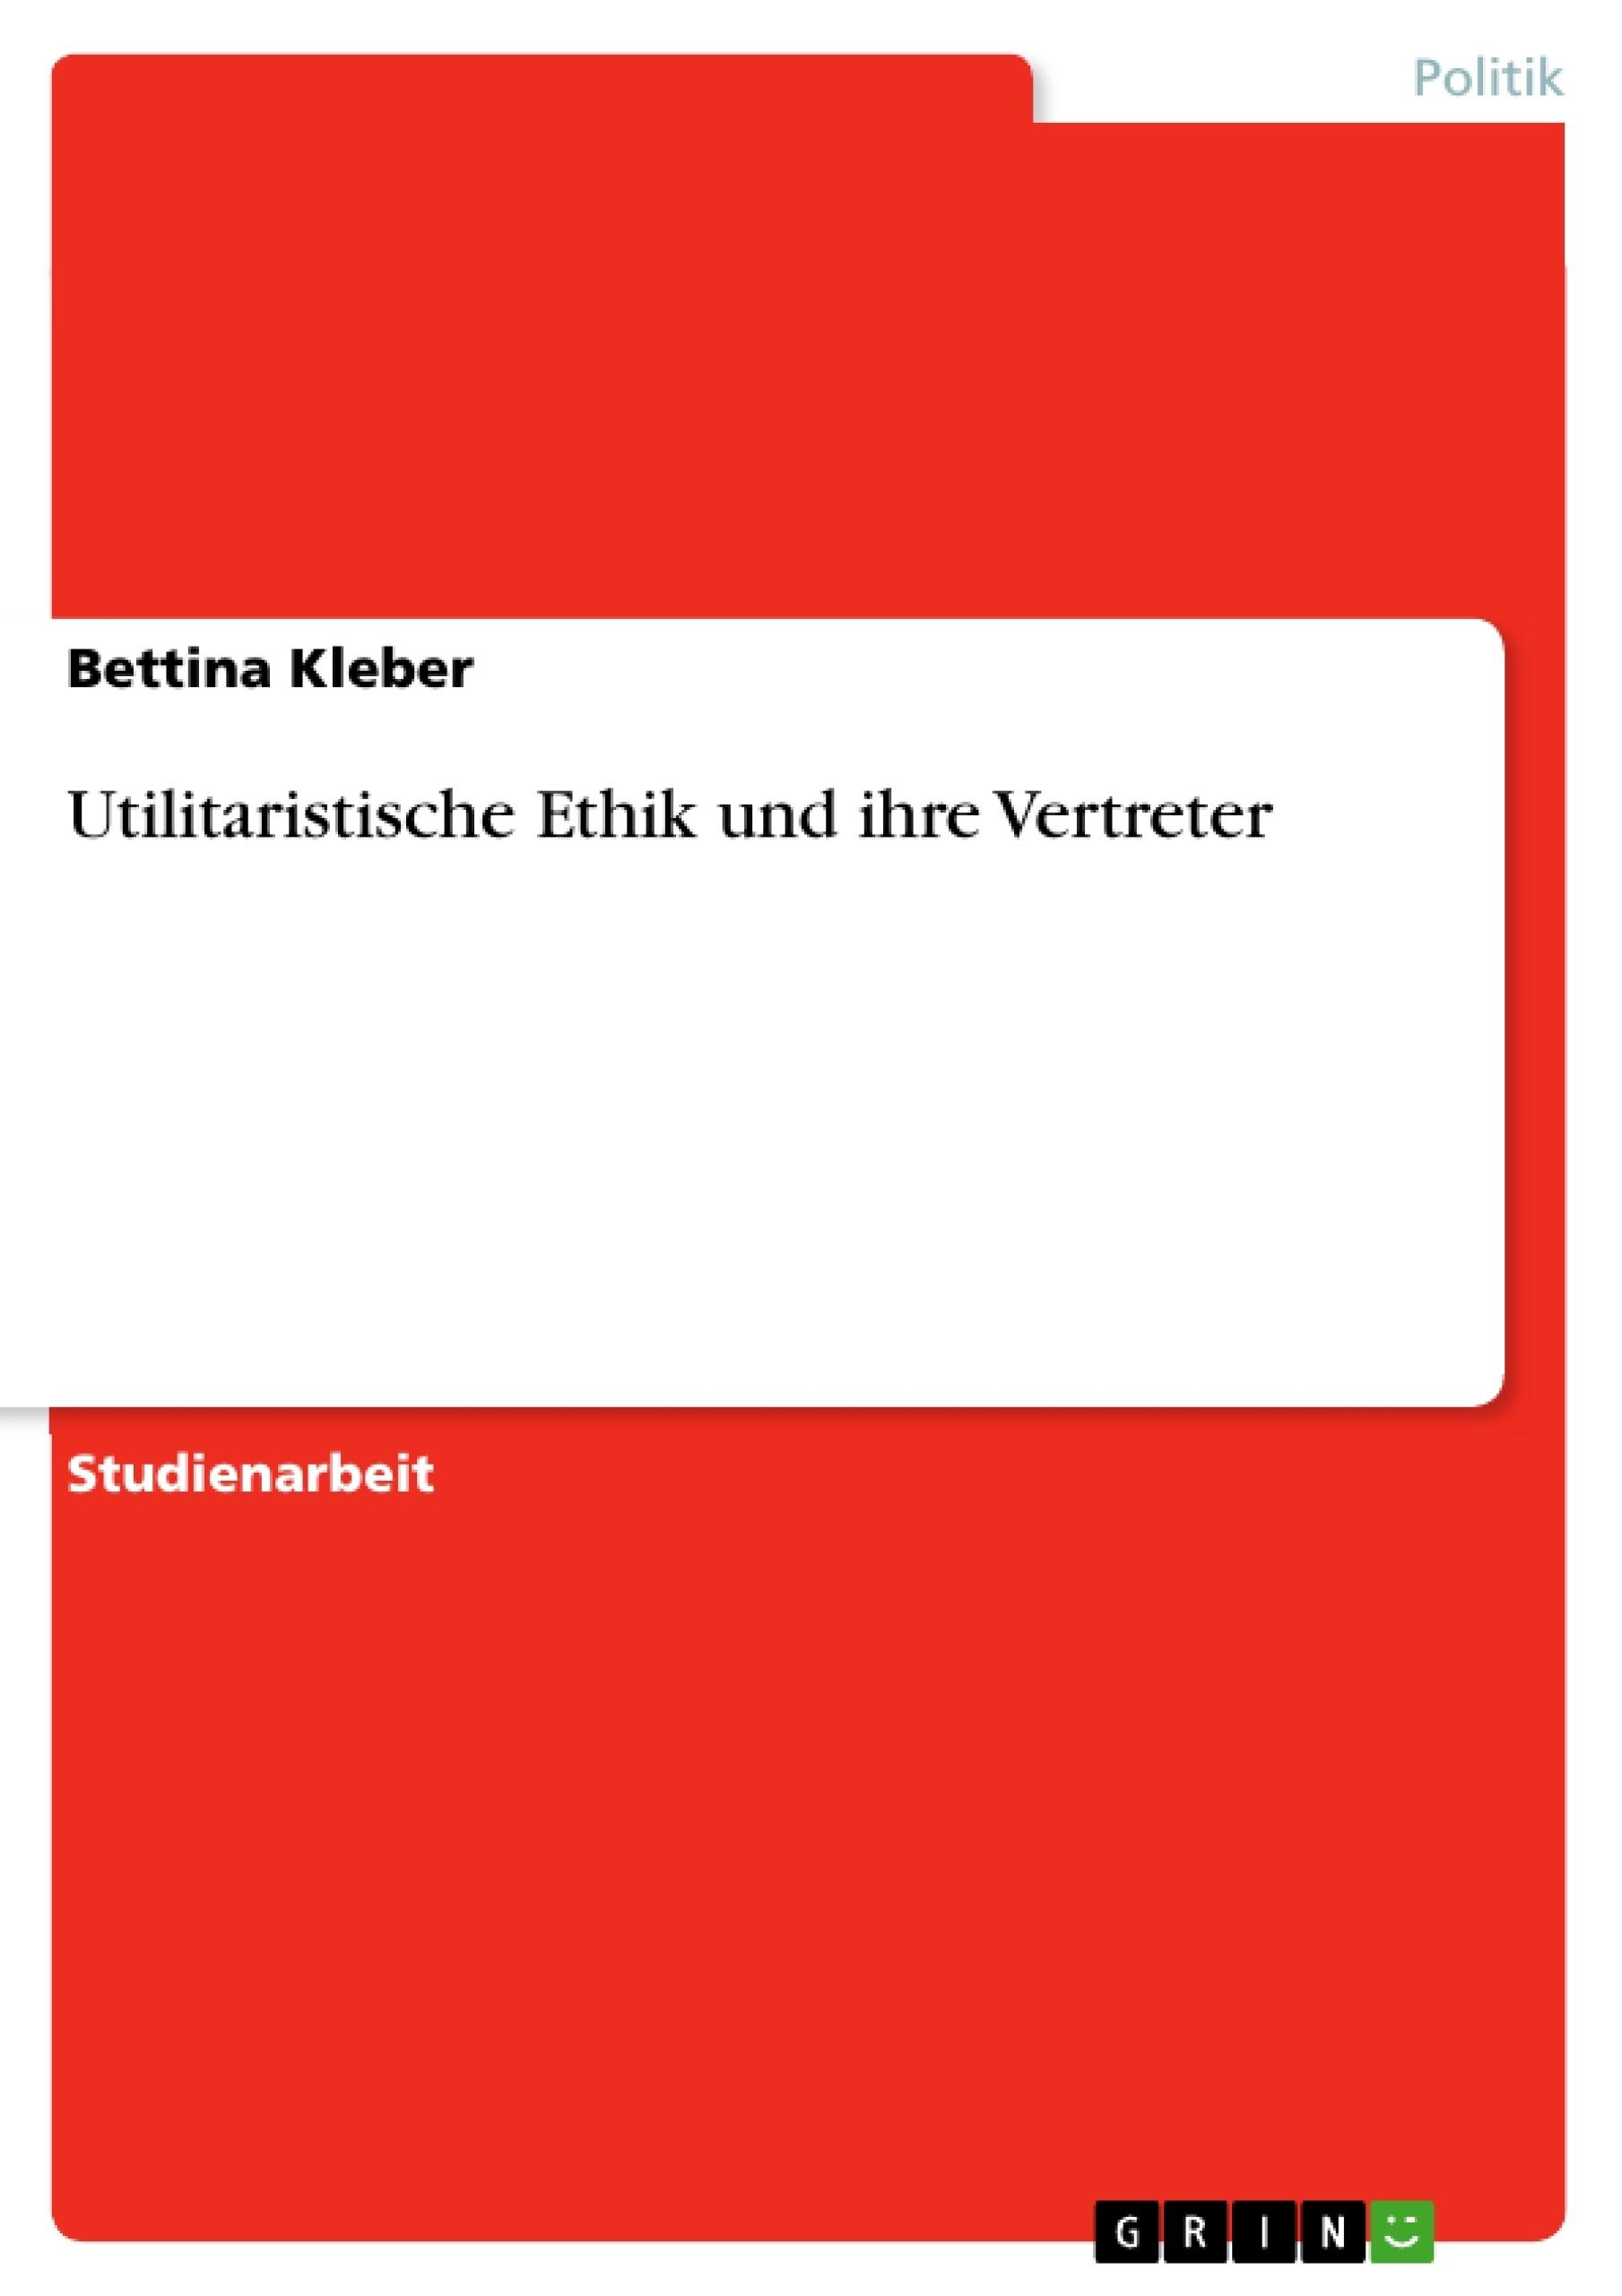 Titel: Utilitaristische Ethik und ihre Vertreter